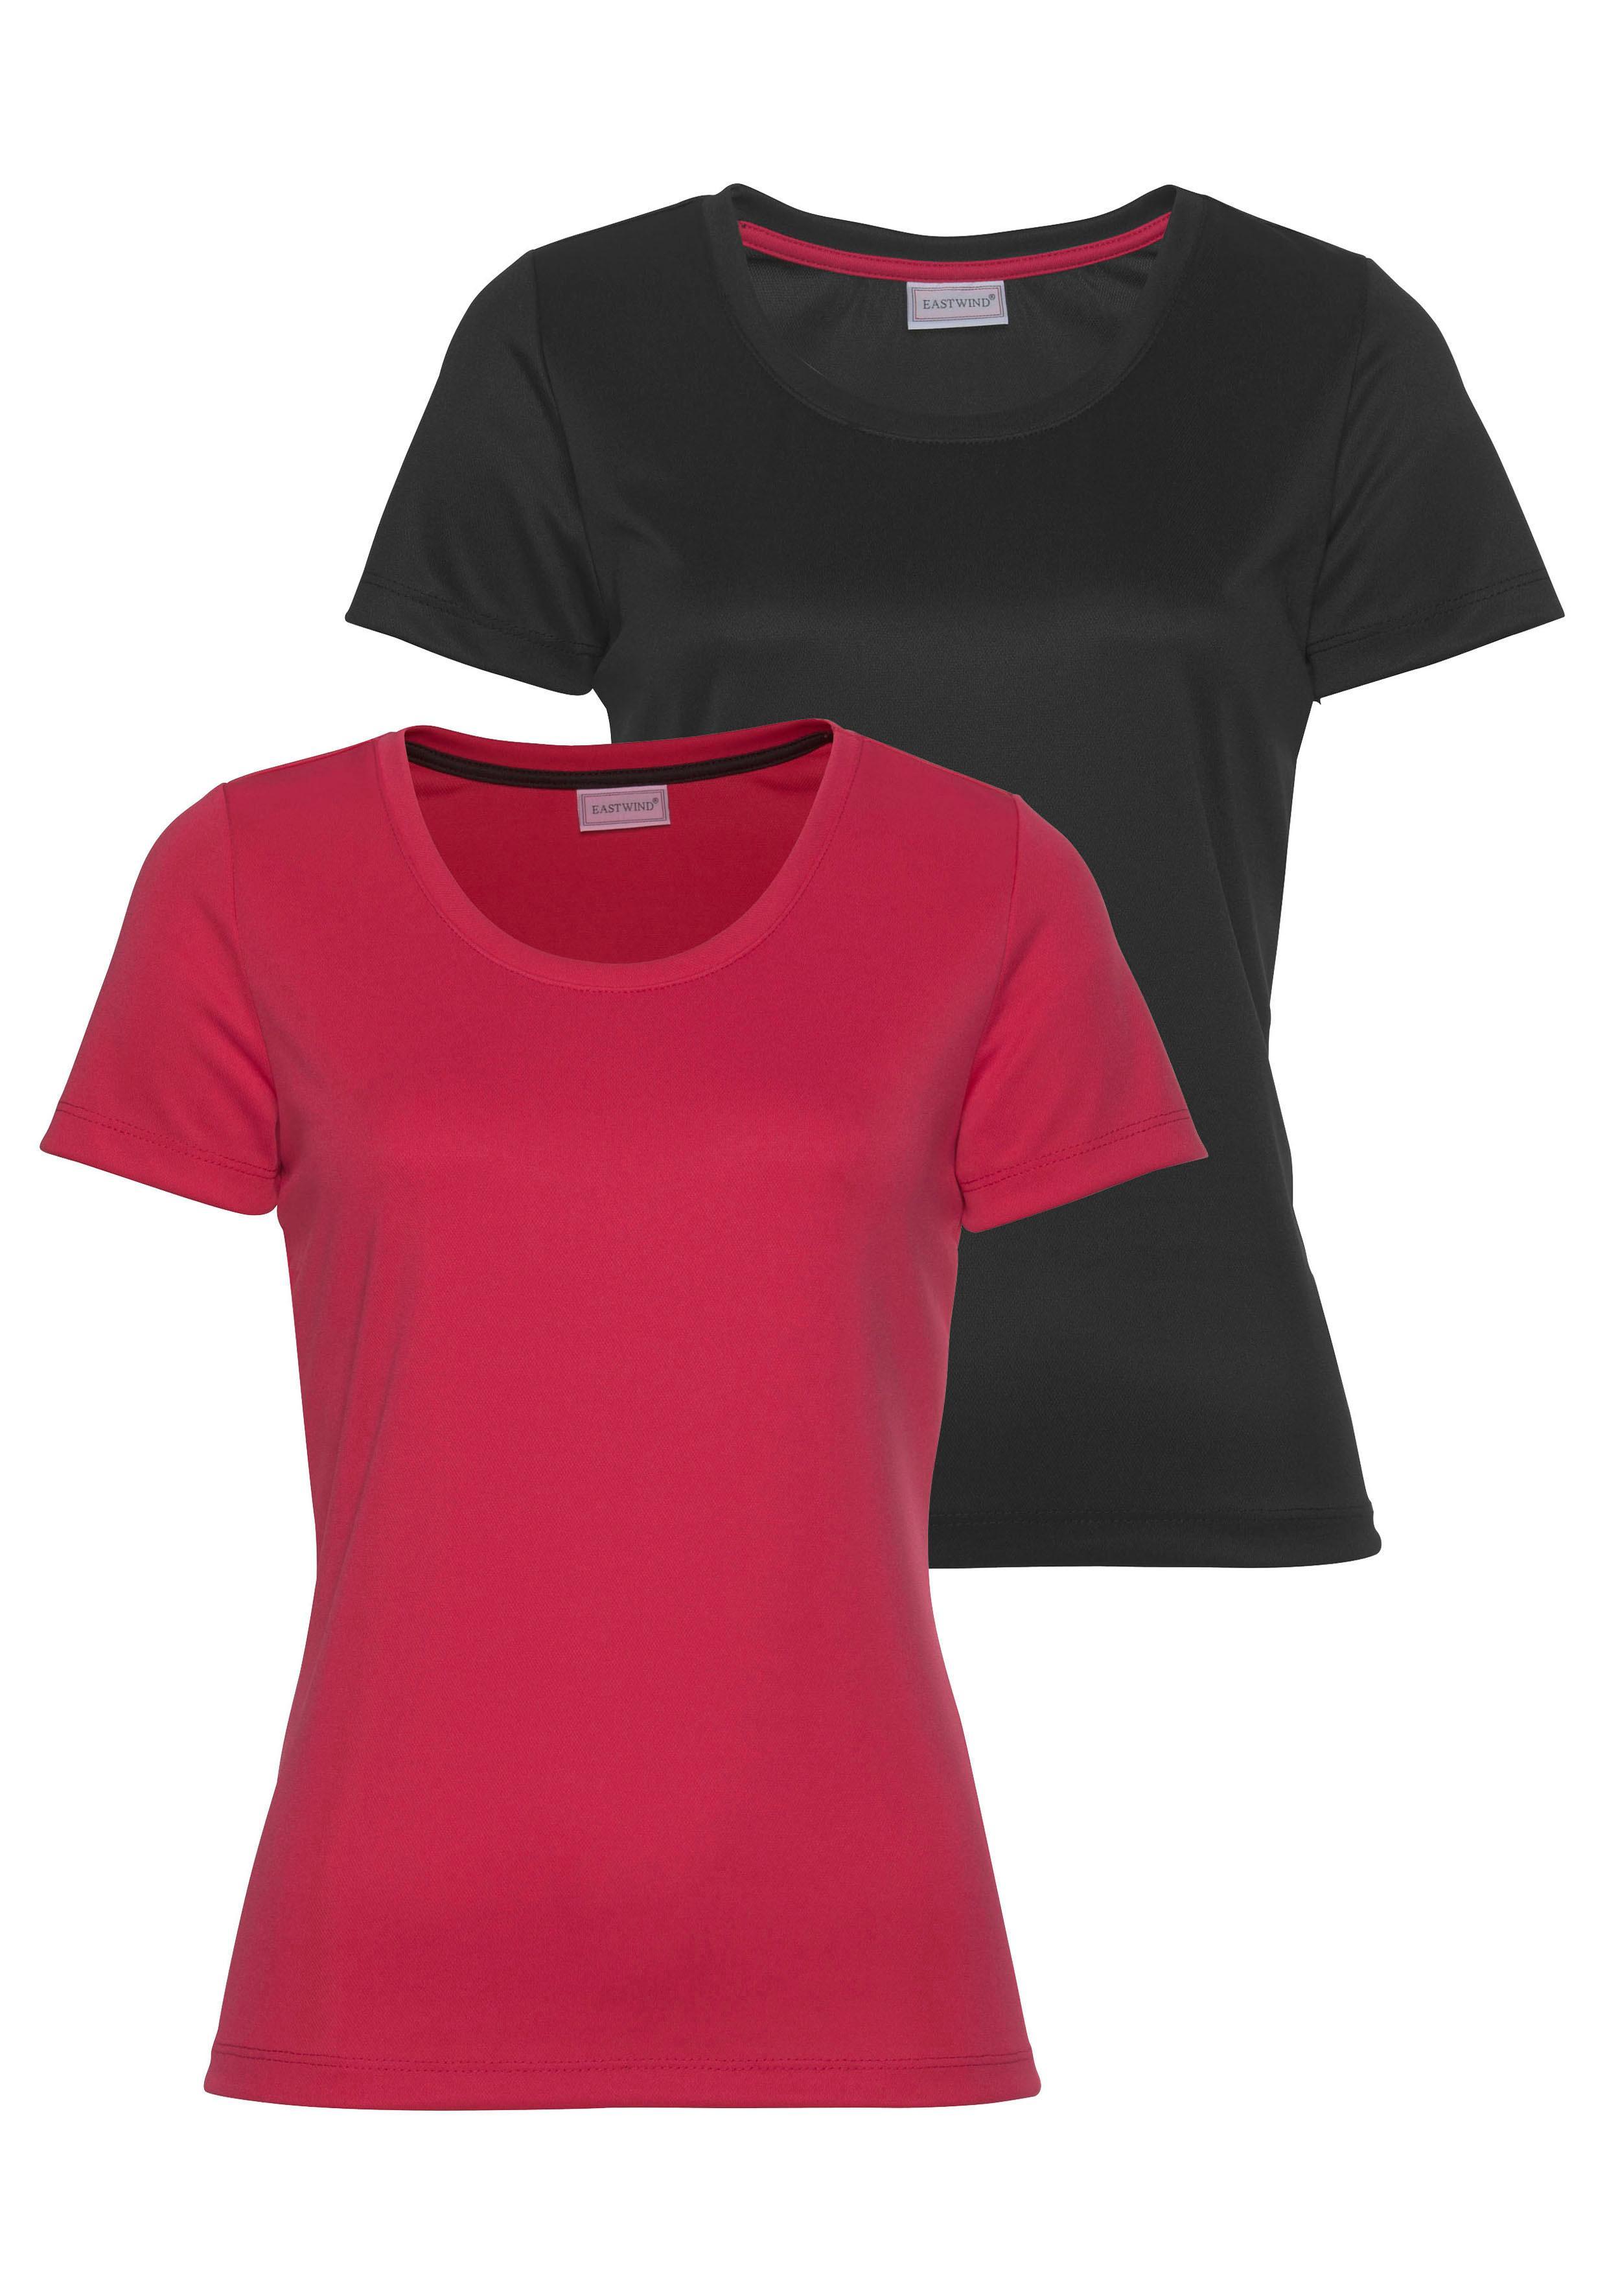 Eastwind Funktionsshirt (Spar-Set, 2er-Pack) | Bekleidung > Shirts > Funktionsshirts | Eastwind